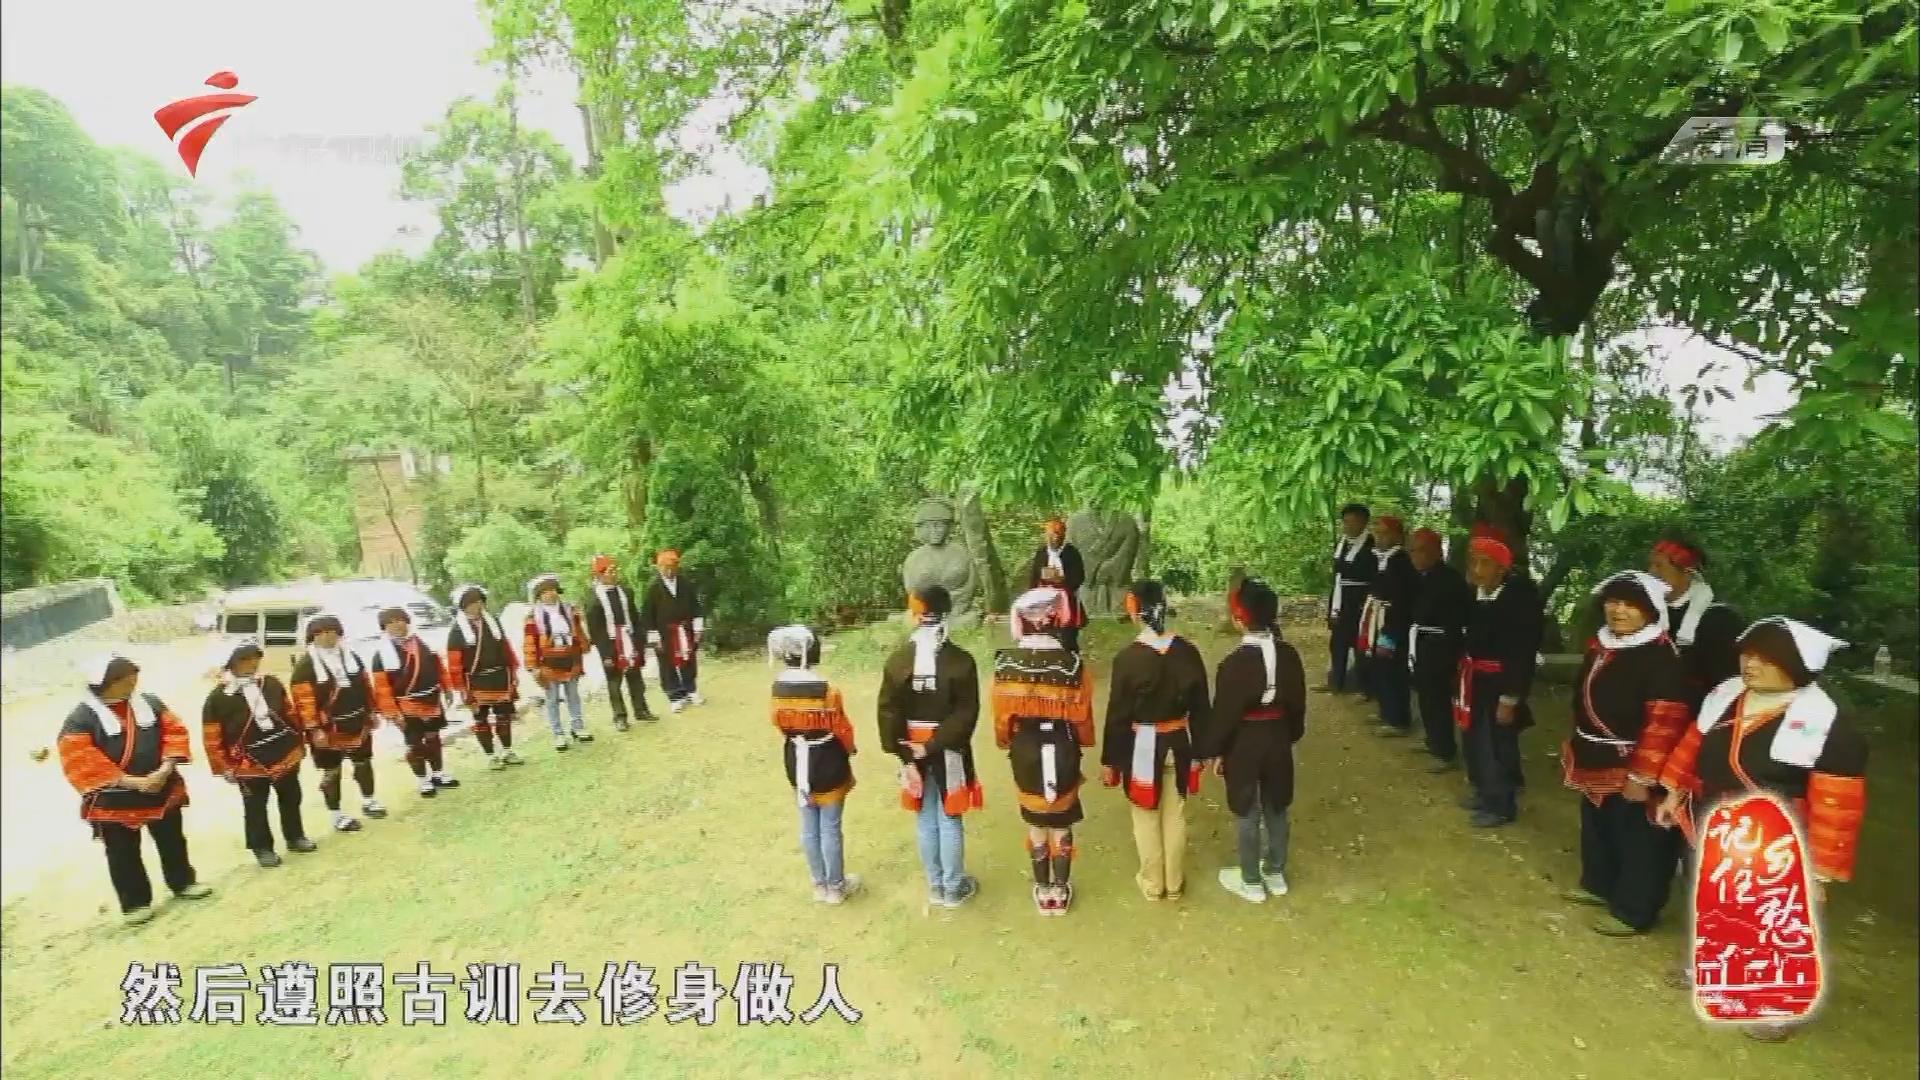 门头村——敬畏自然